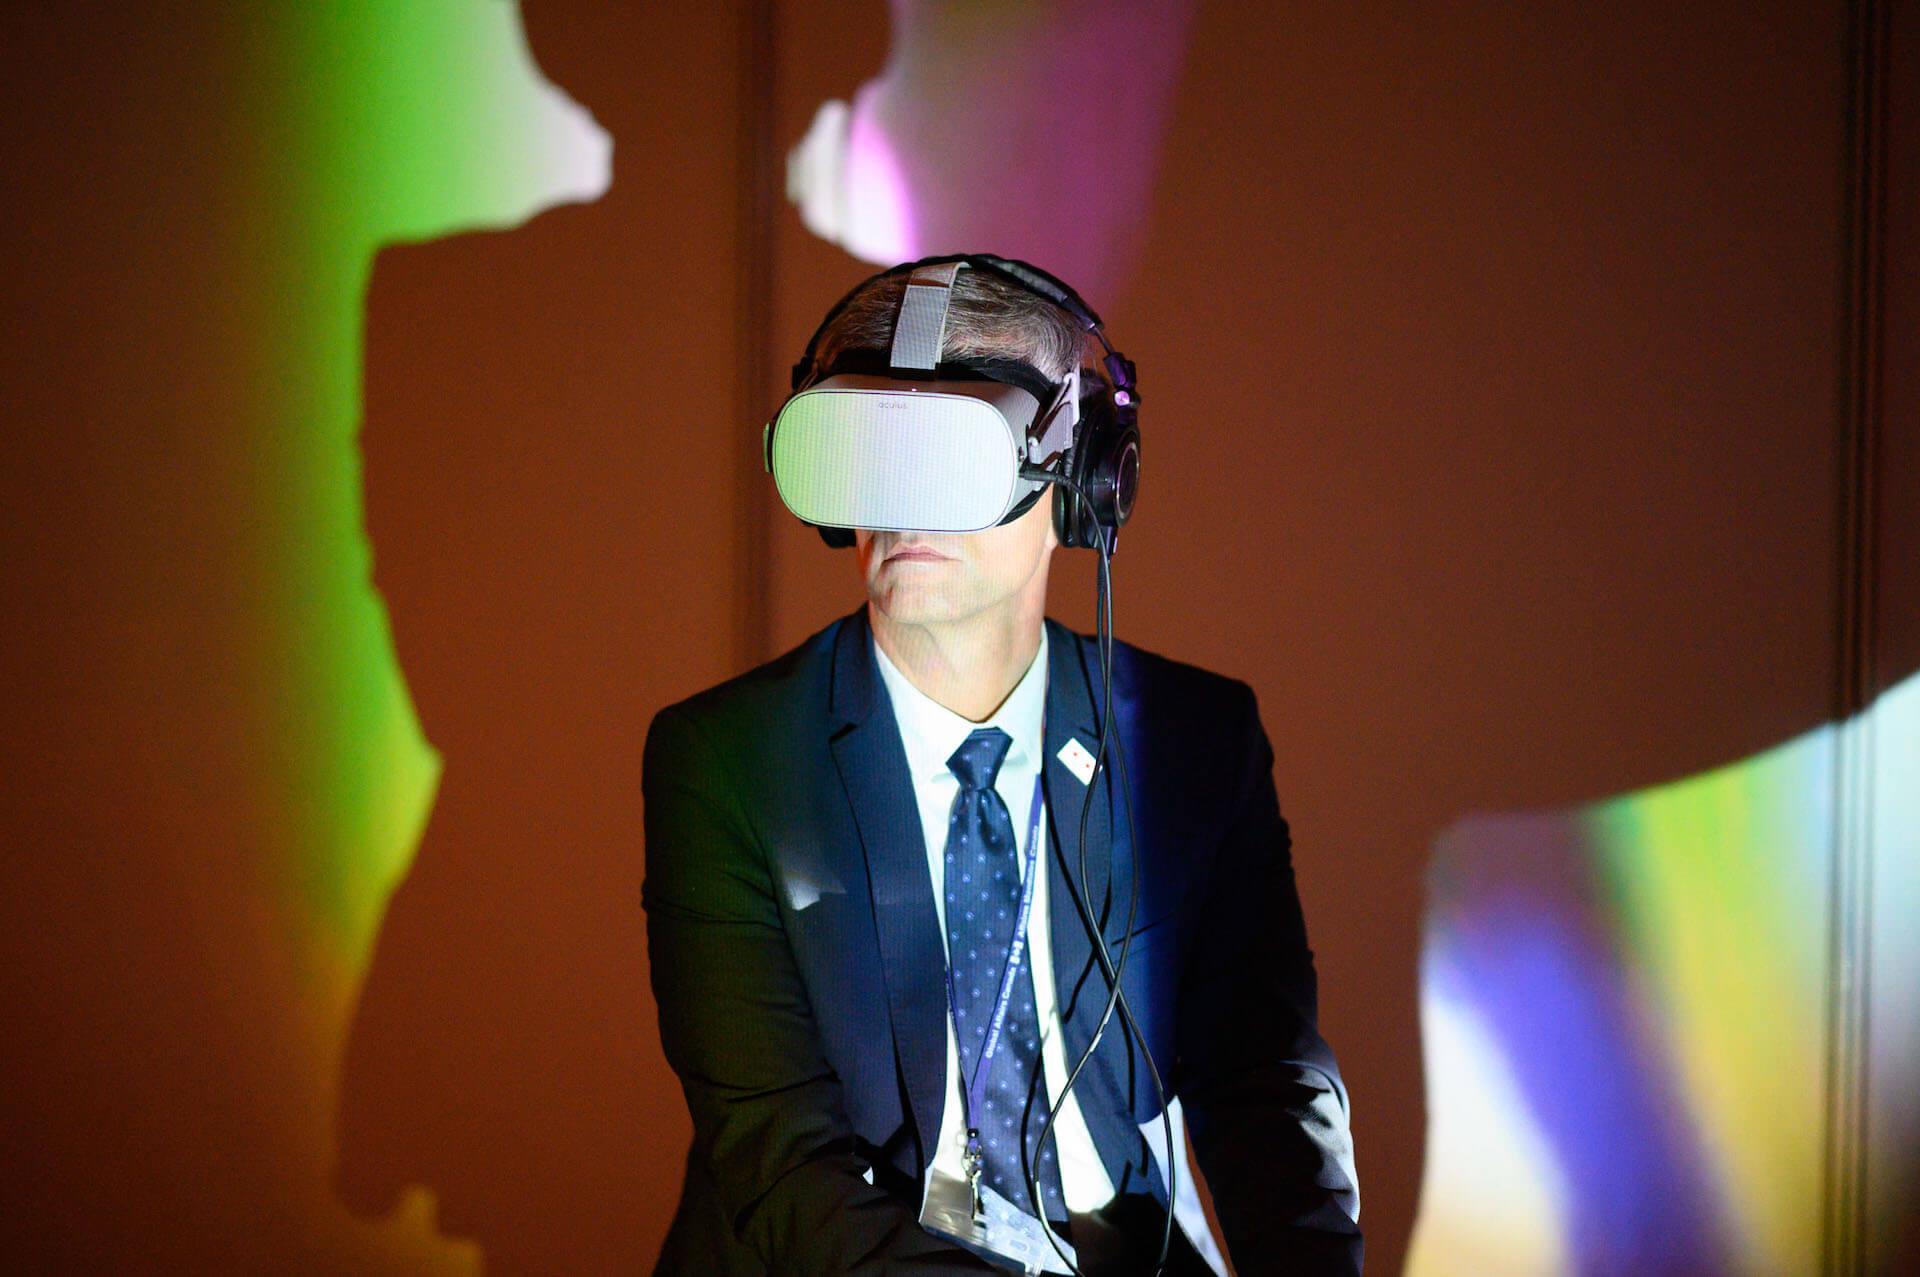 フォトレポート|Kode 9 & Koji Morimotoらが登場した電子音楽&デジタルアートの祭典「MUTEK.JP 2019」 music191219-mutek2019-7